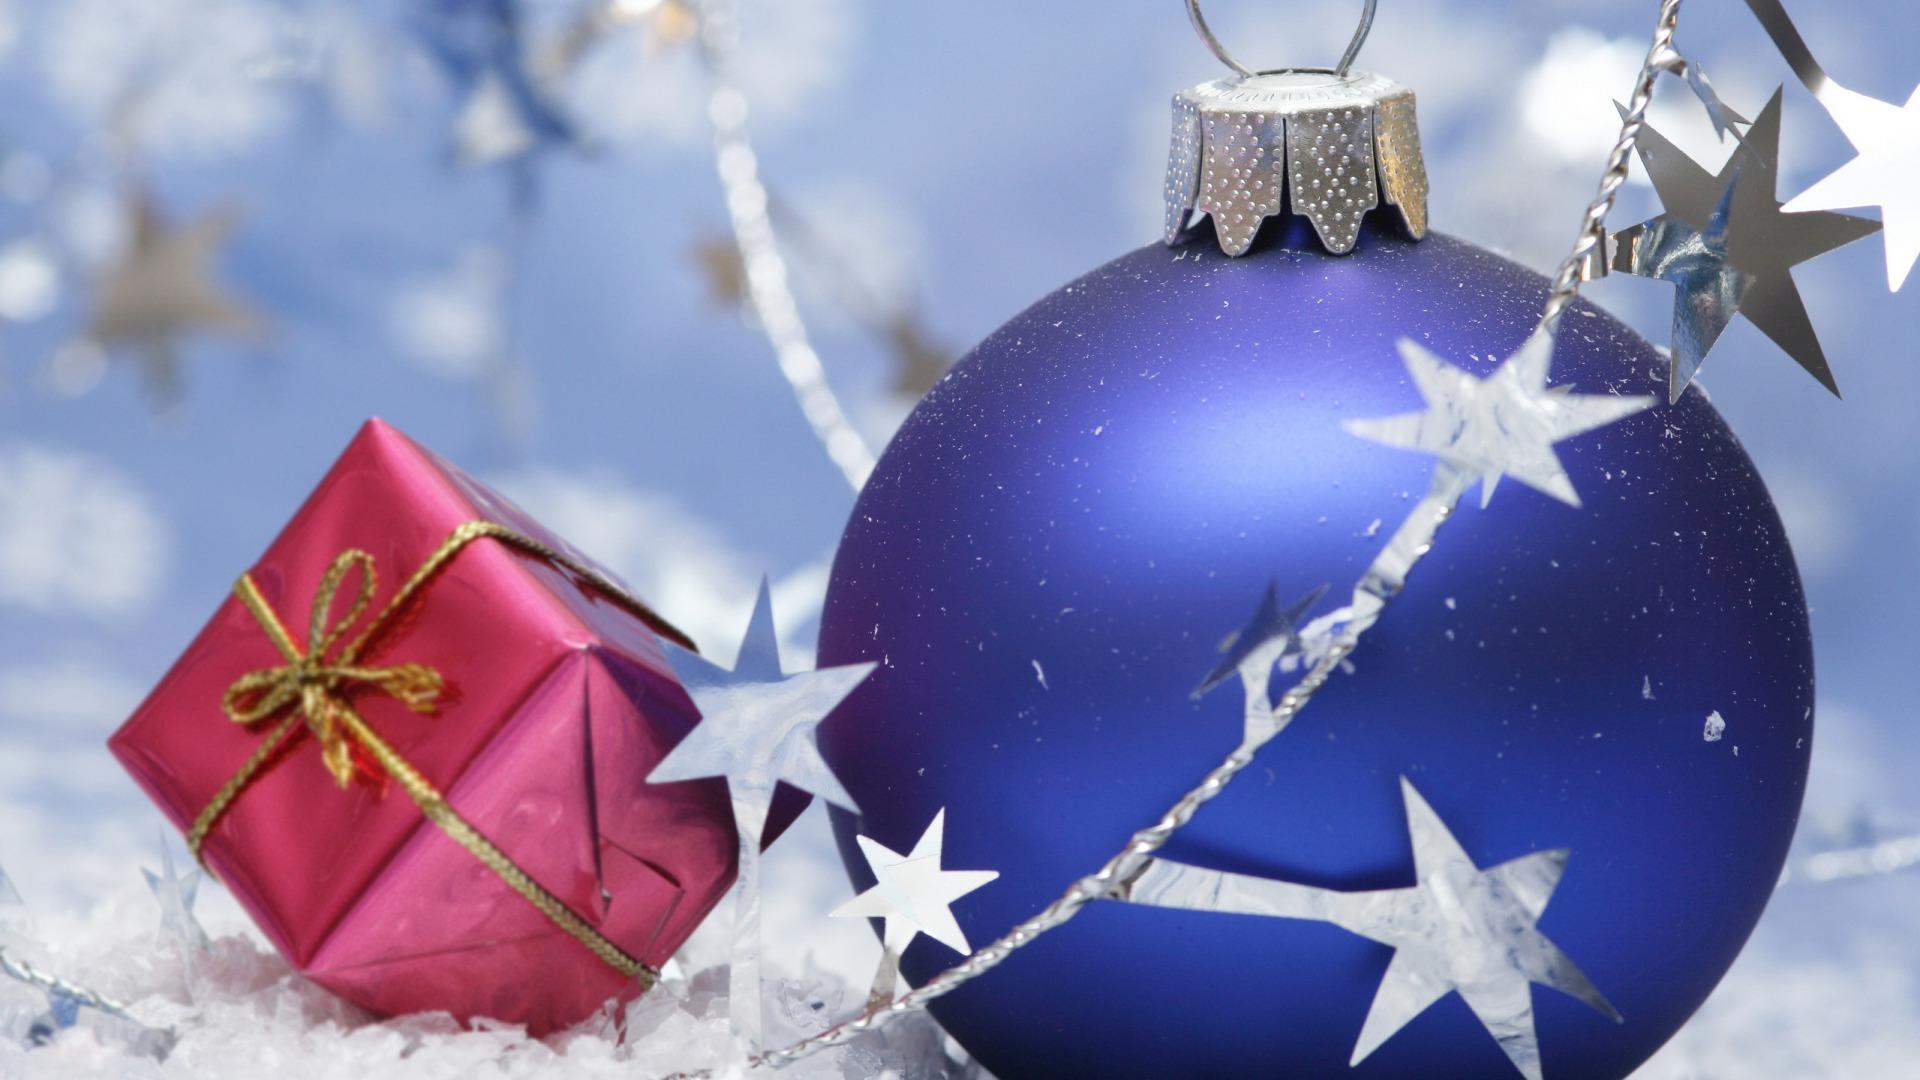 Bộ Sưu Tập Ảnh Giáng Sinh - Page 4 Christmasatmosphere20